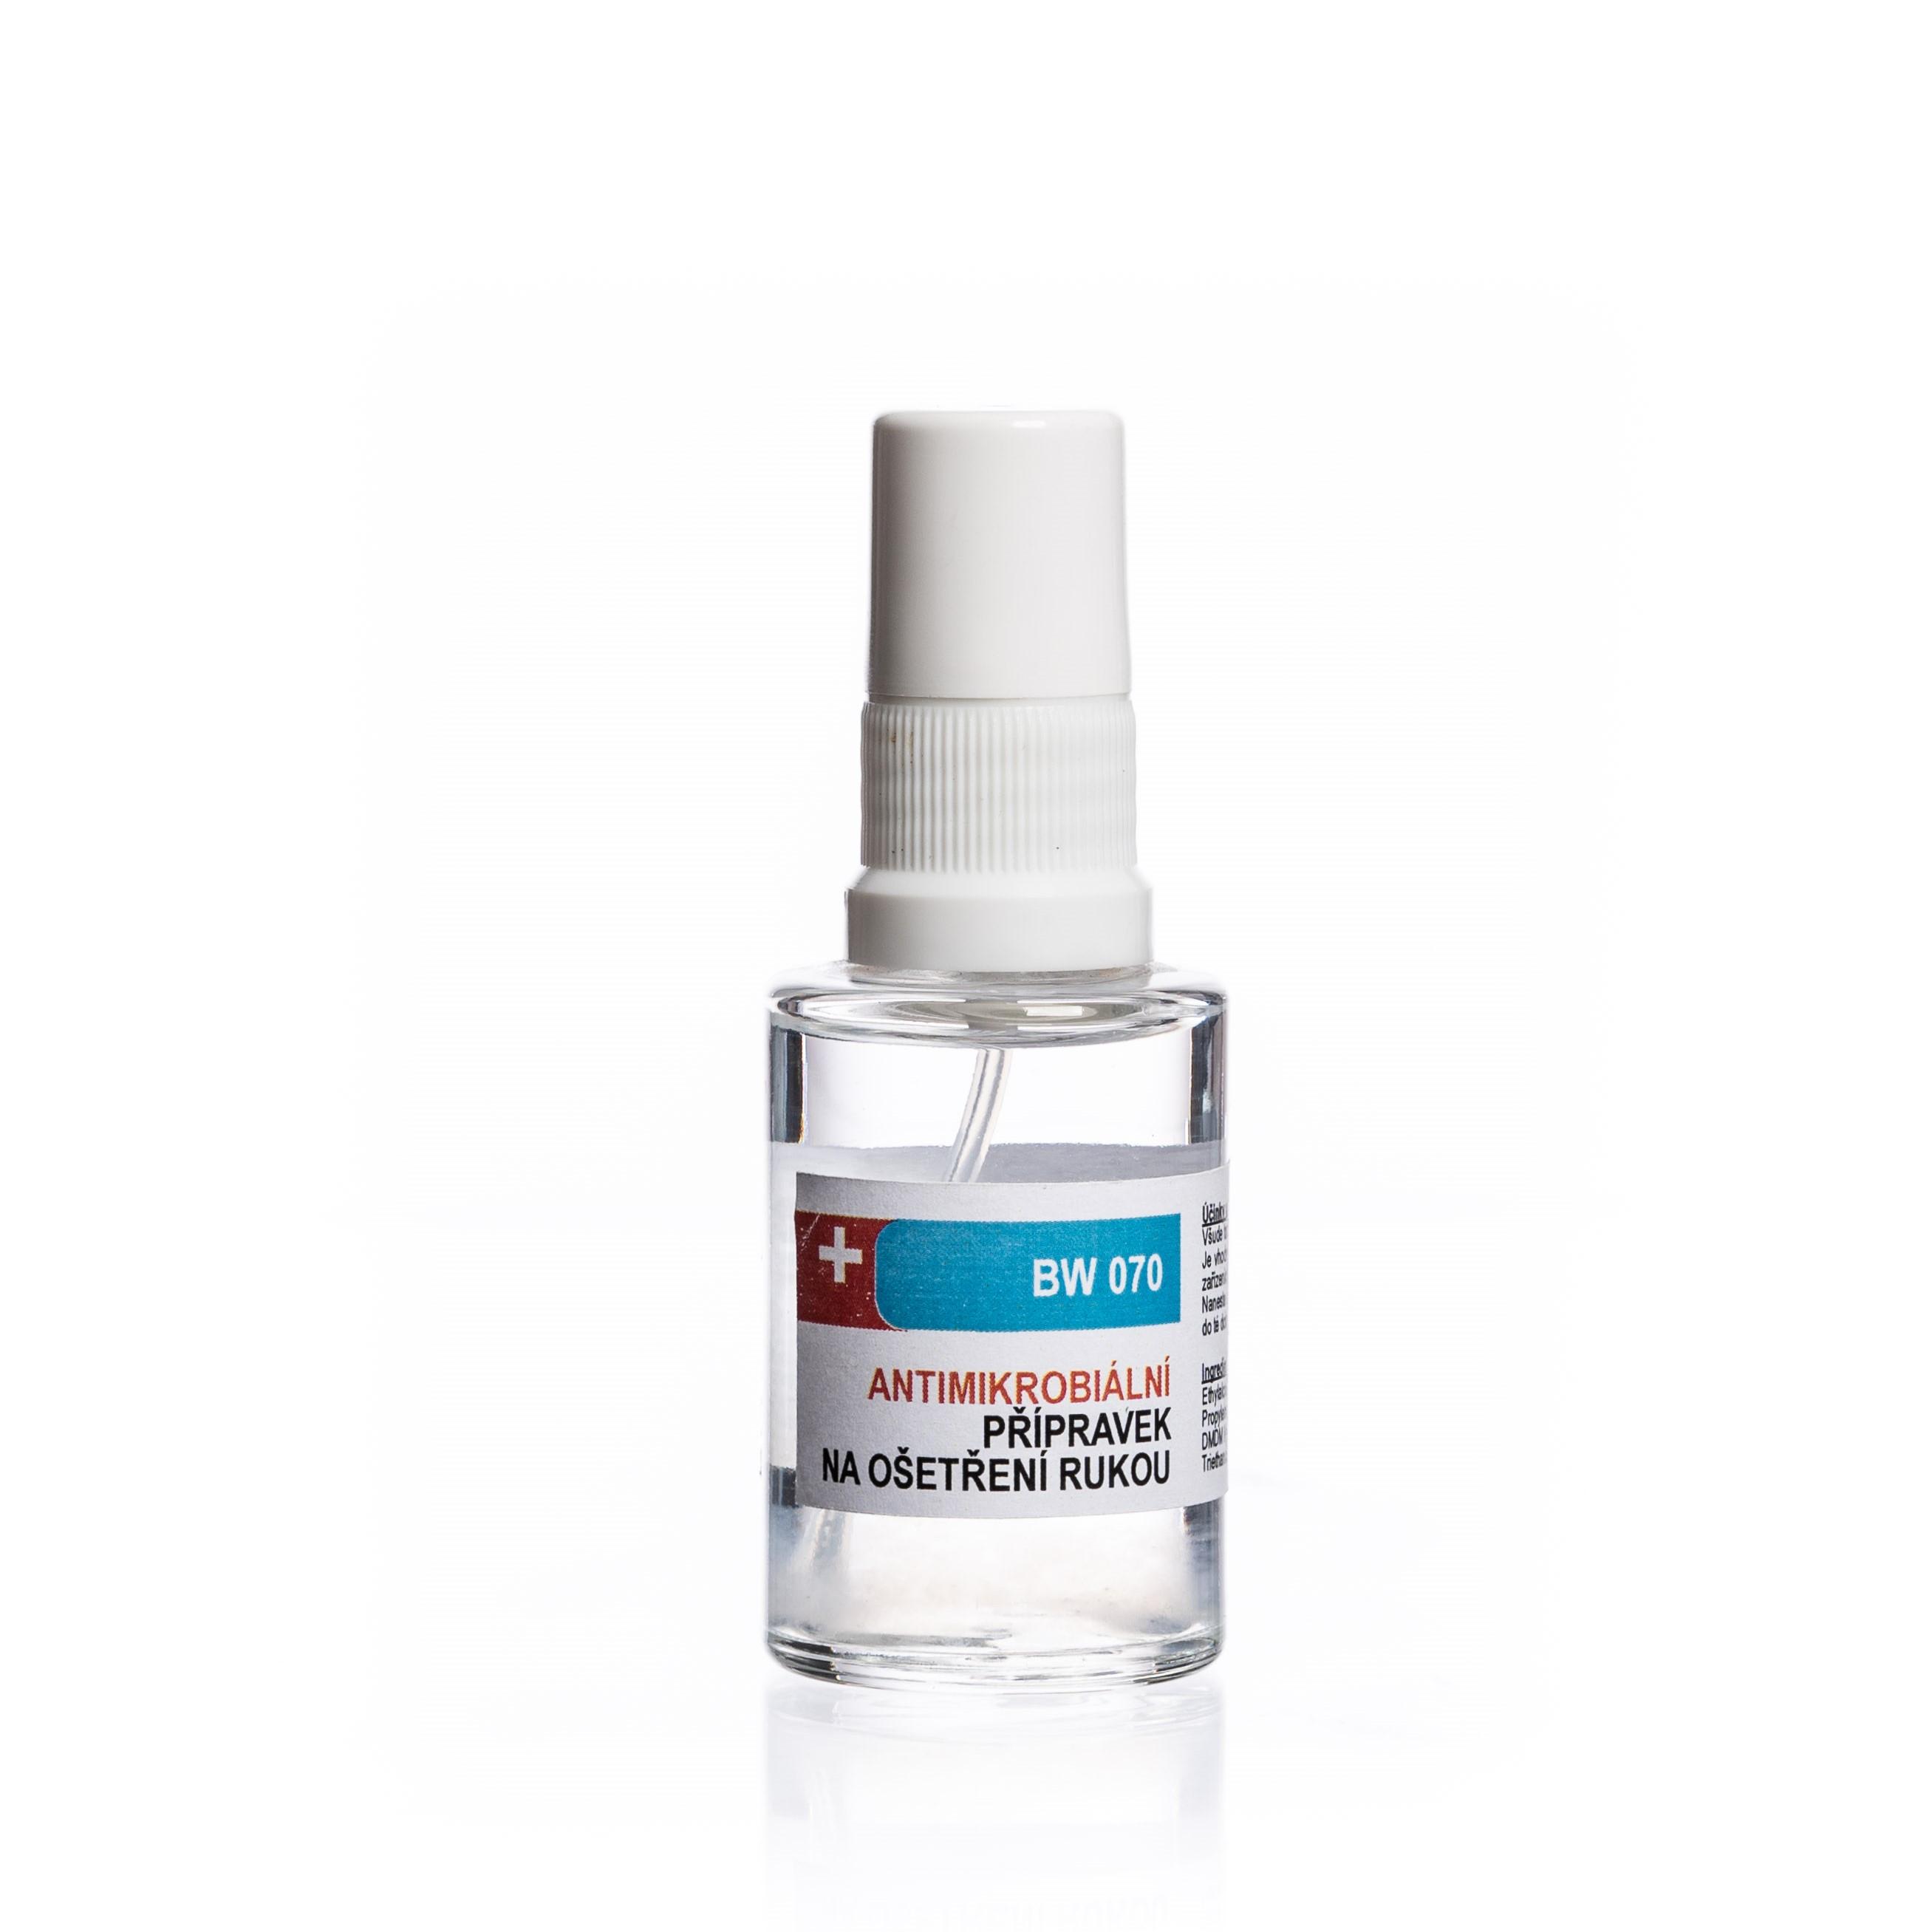 Antimikrobiální sprej 30 ml - DEZINFEKCE,MASKY - zvìtšit obrázek